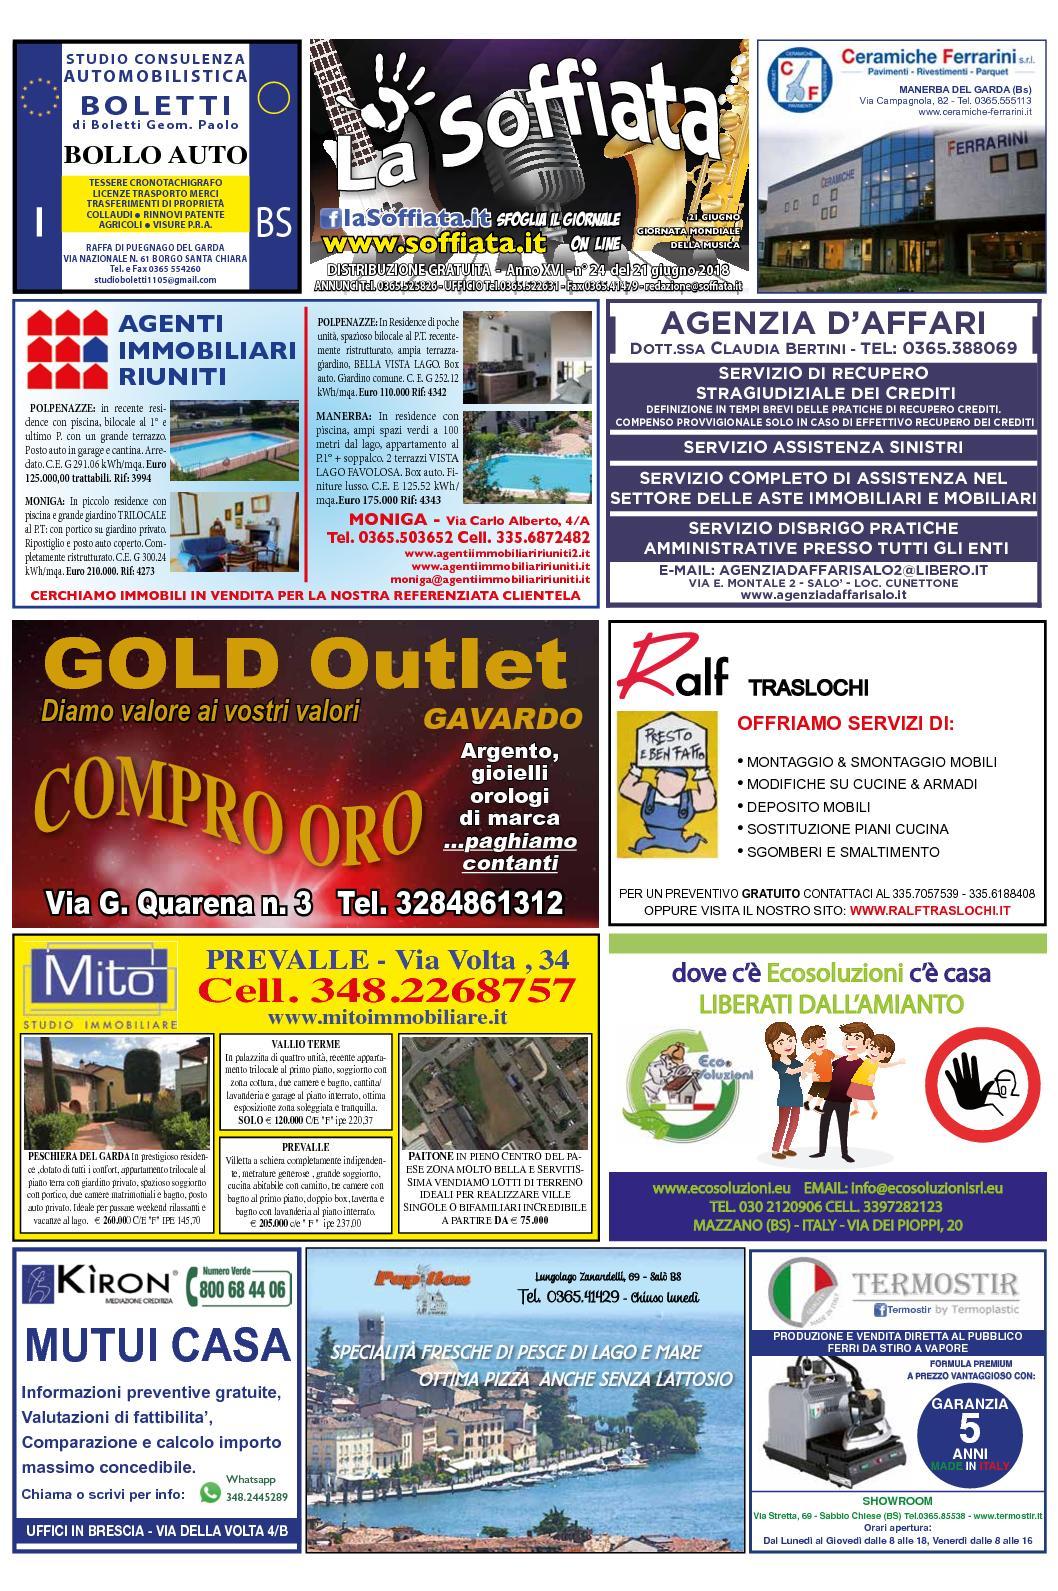 Nims Materassi Opinioni.Calameo La Soffiata 21 Giugno 2018